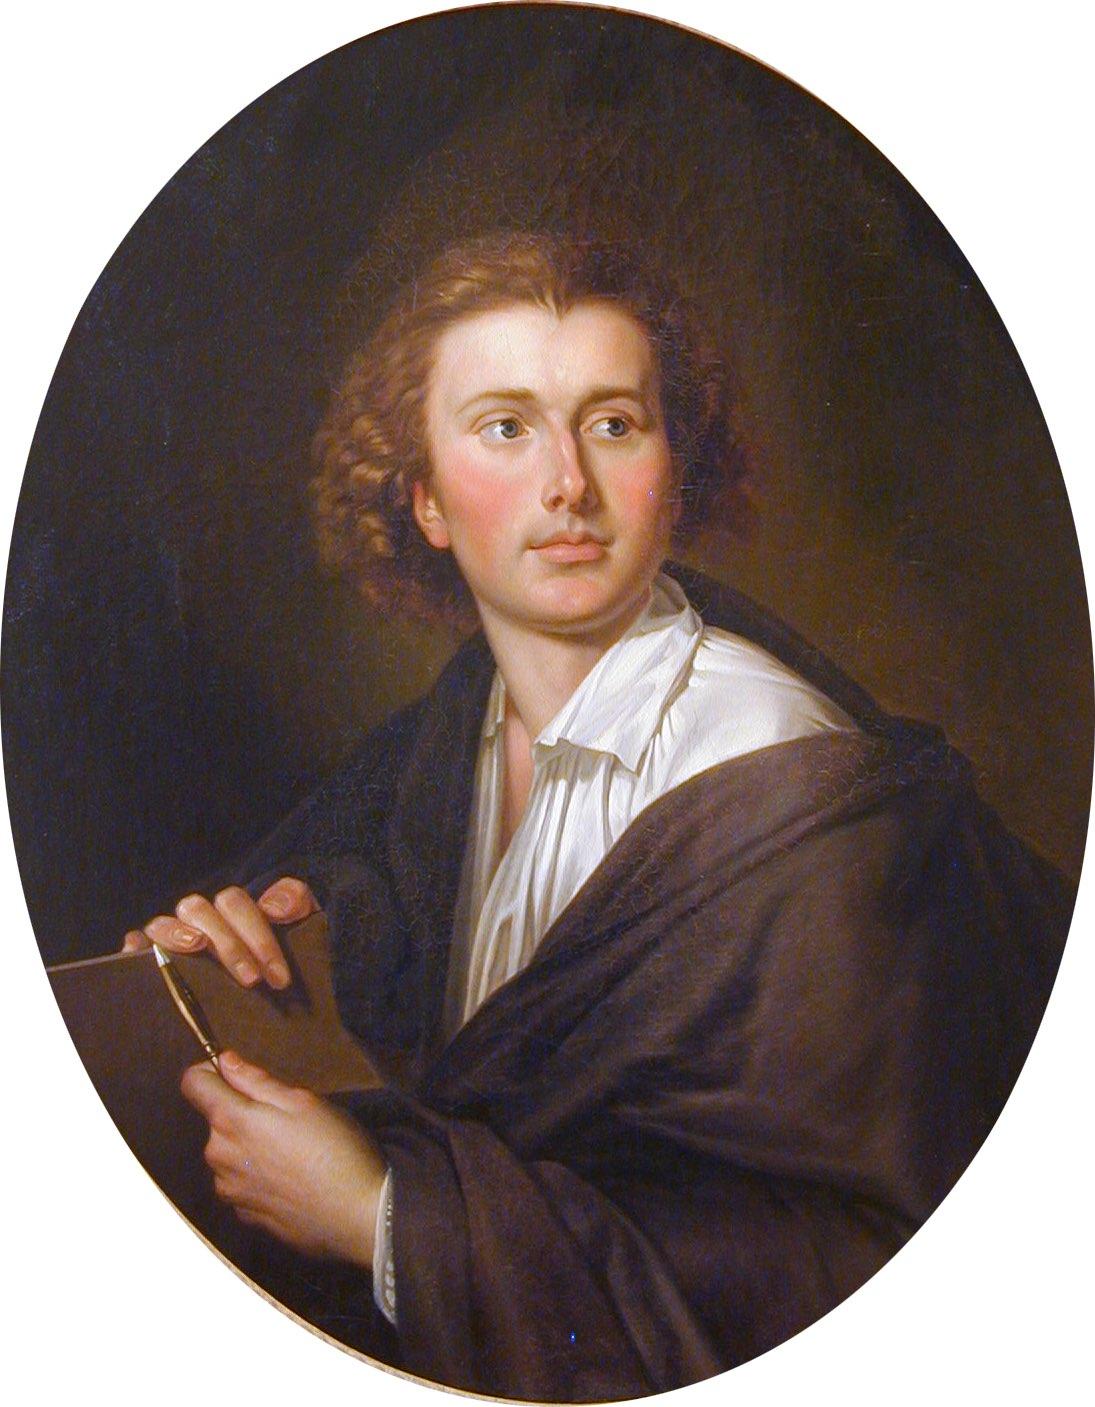 Eugène Mondan, Portrait de Simon de Sucy de Clisson, 19ème s. © Musée de Valence, photographie Béatrice Roussel